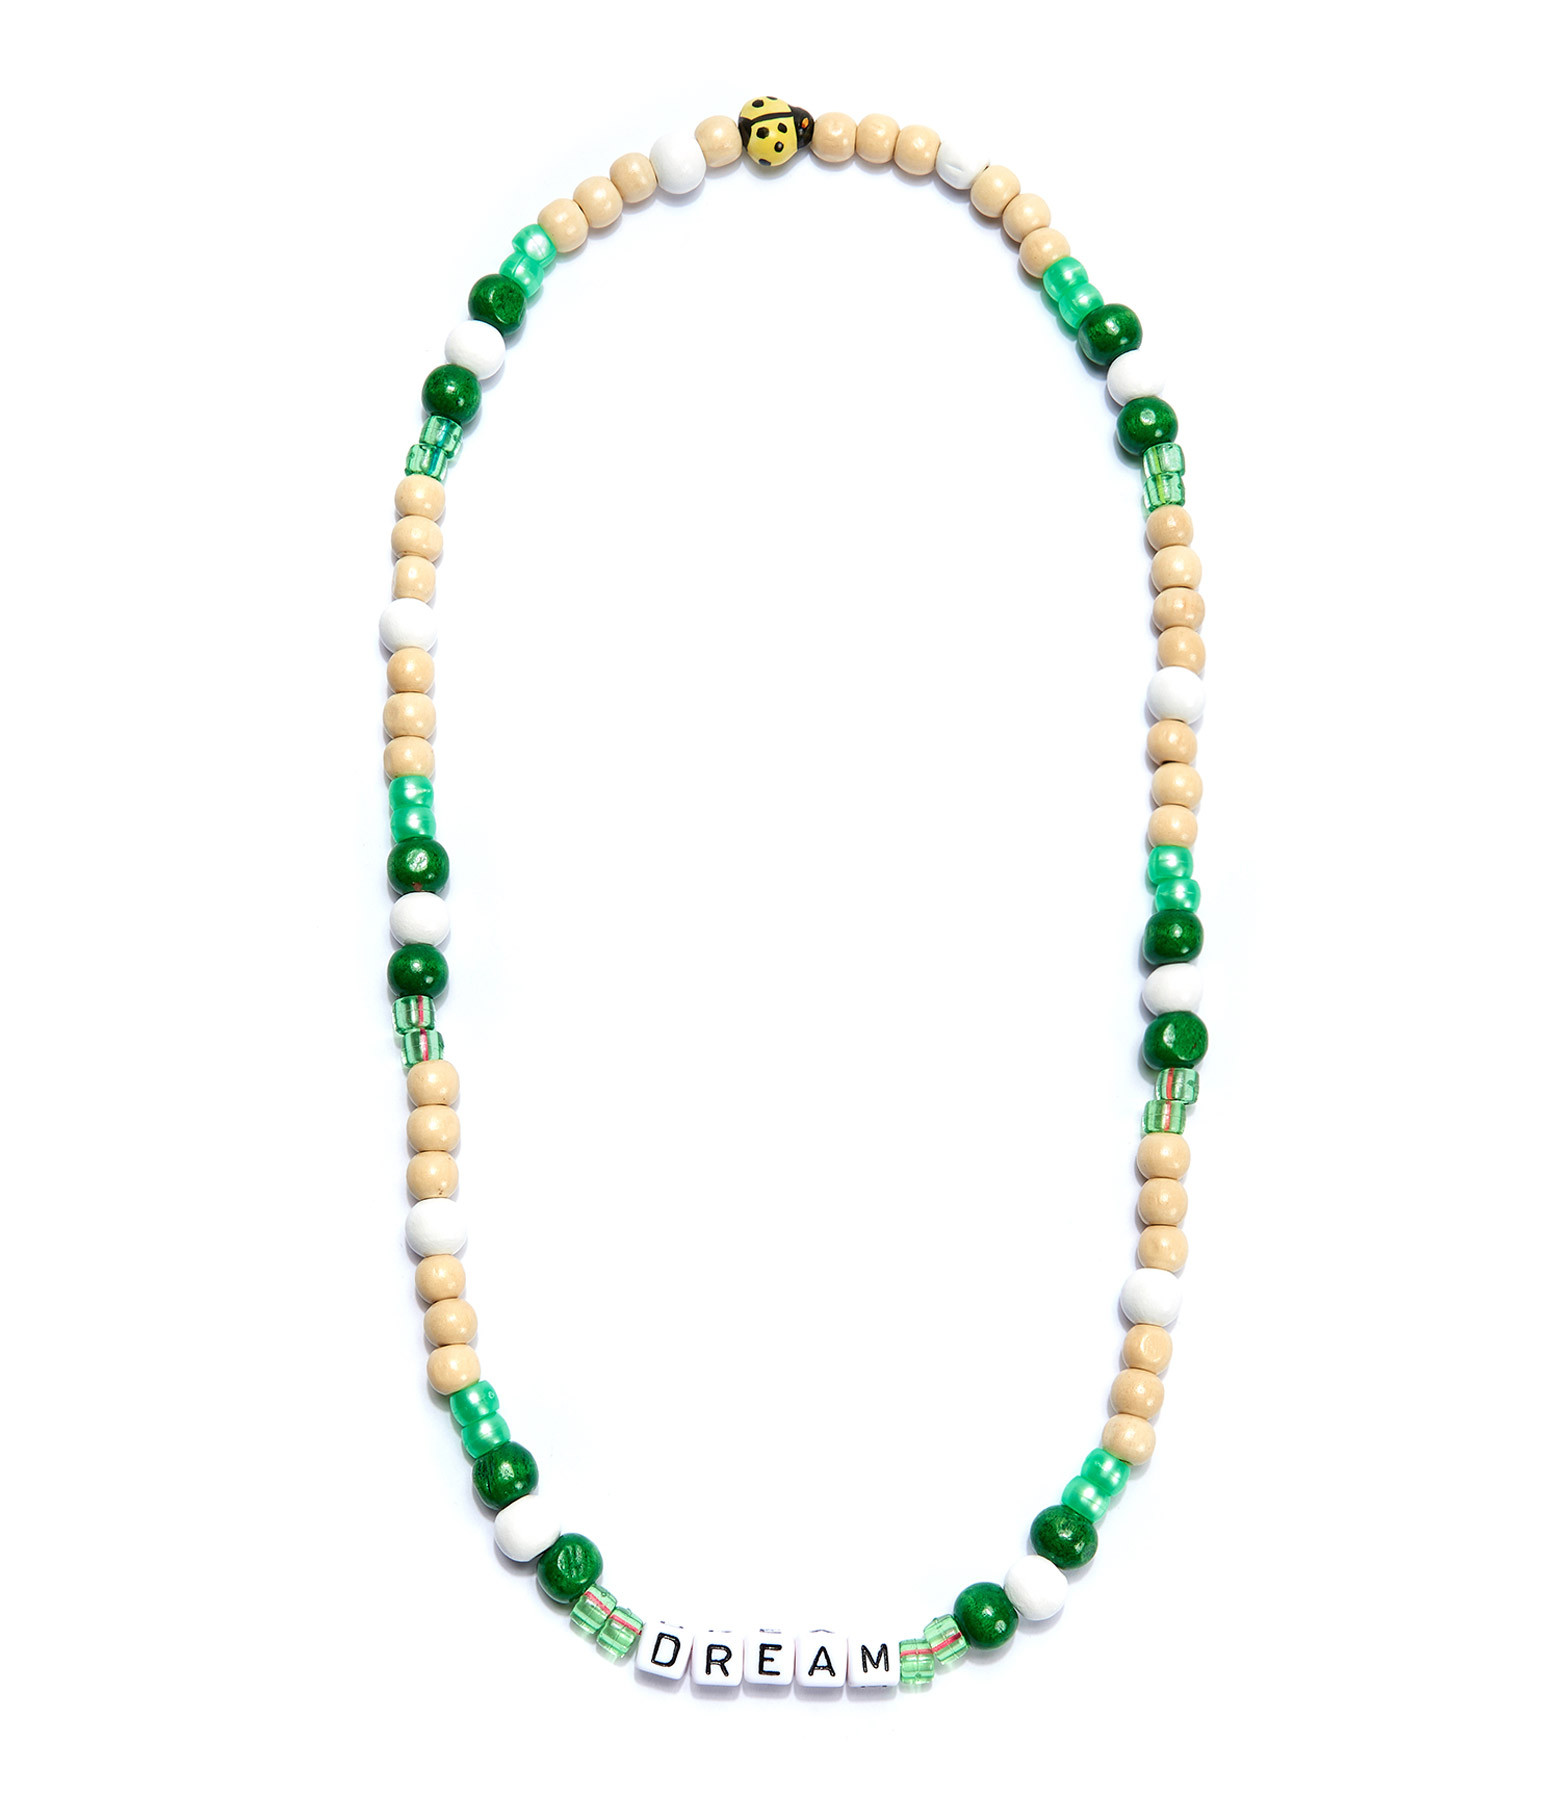 LAUREN RUBINSKI - Collier Love Beads Bois Plastique DREAM